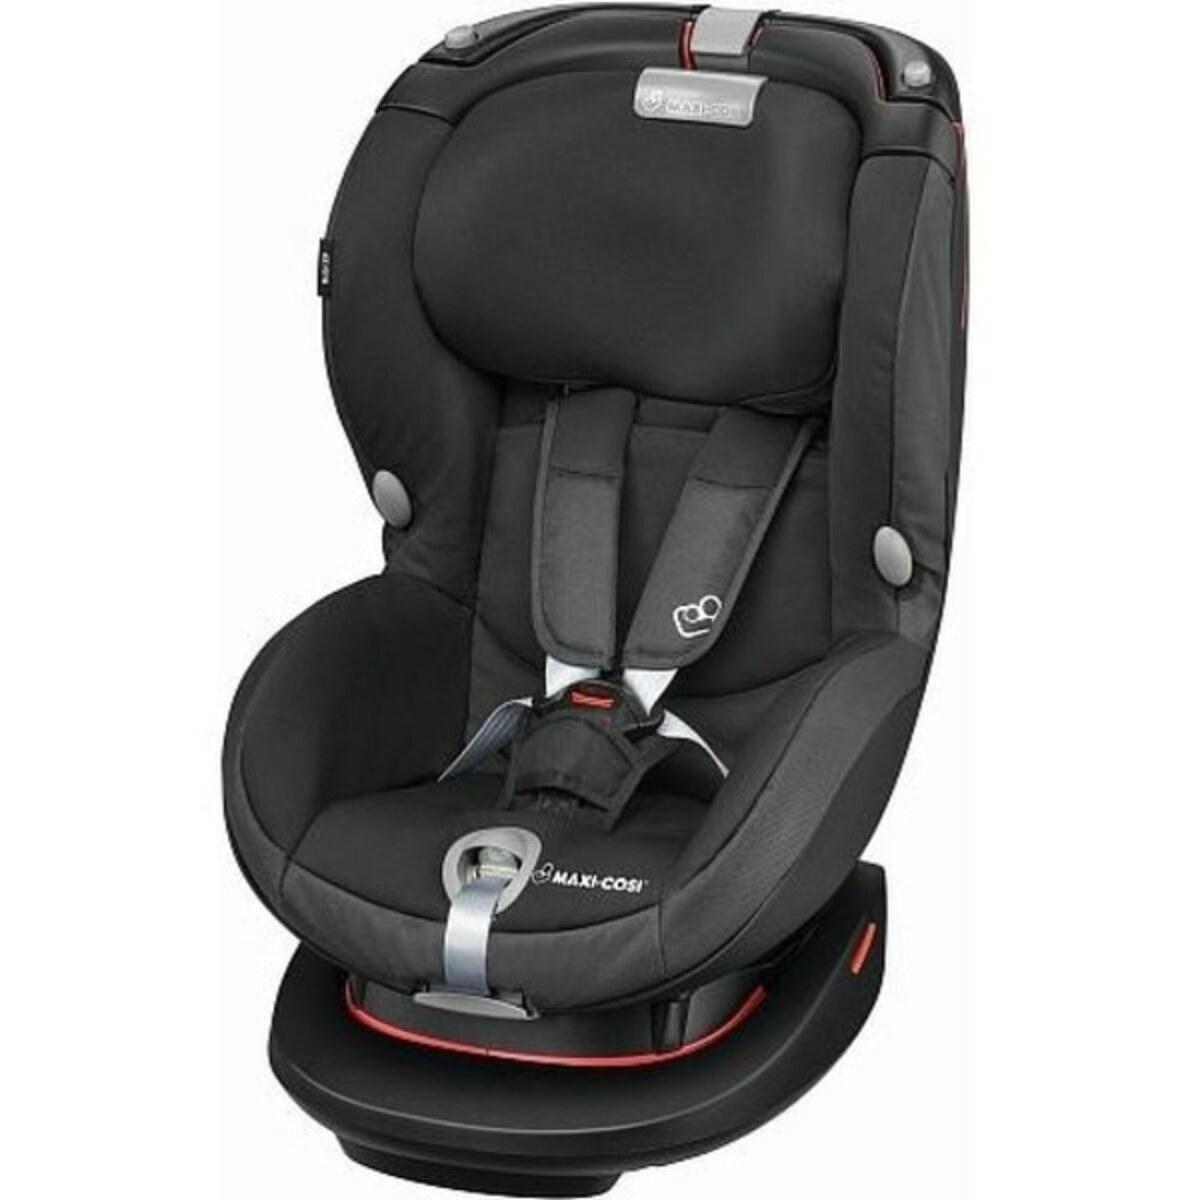 Bild 1 von Maxi-Cosi - Kindersitz Rubi XP, Night Black